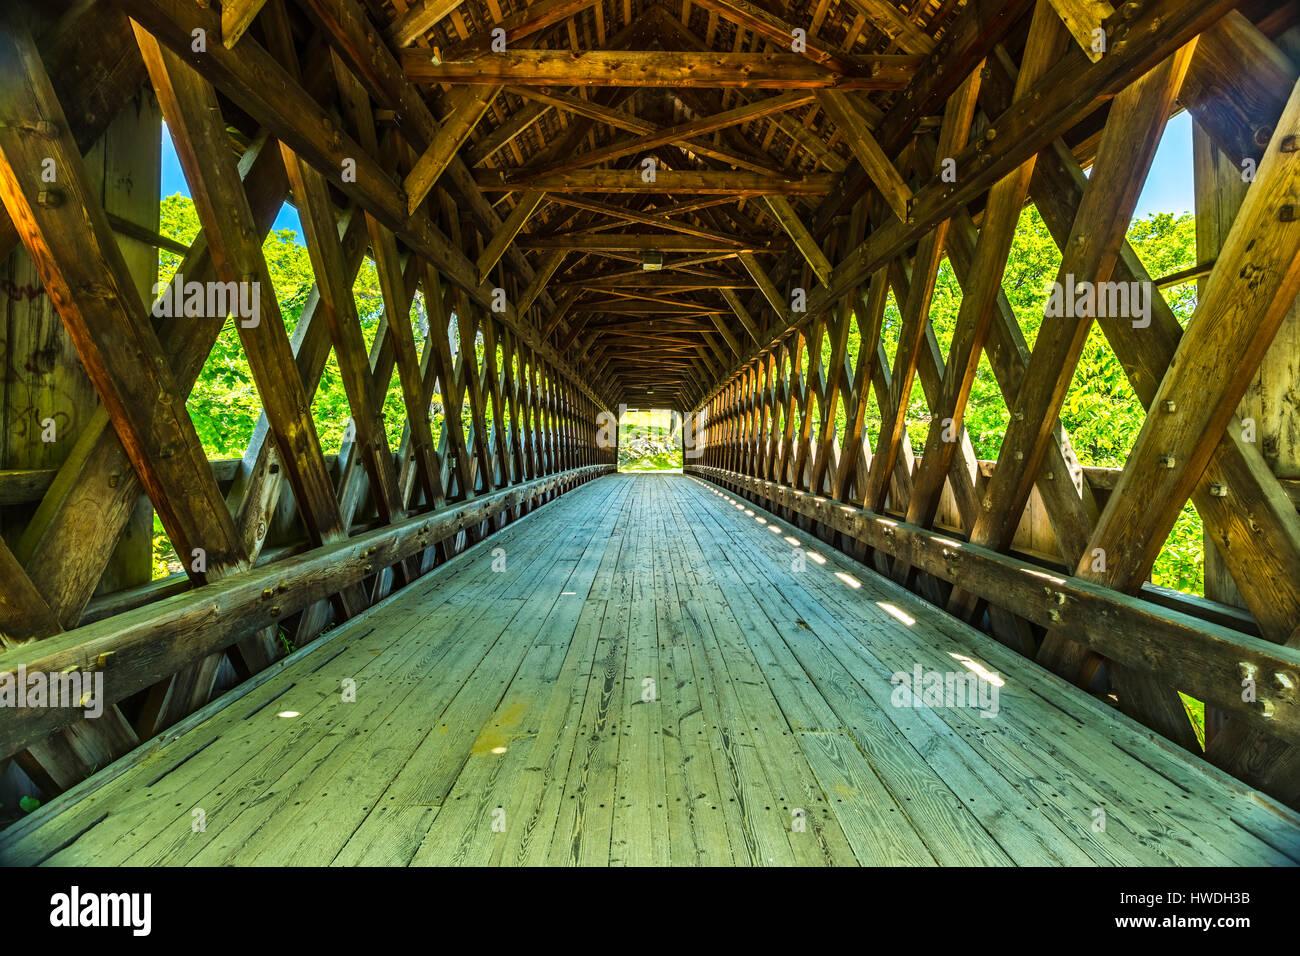 Die Henniker Covered Bridge ist eine überdachte Fußgängerzone Fußgängerbrücke dienen Stockbild